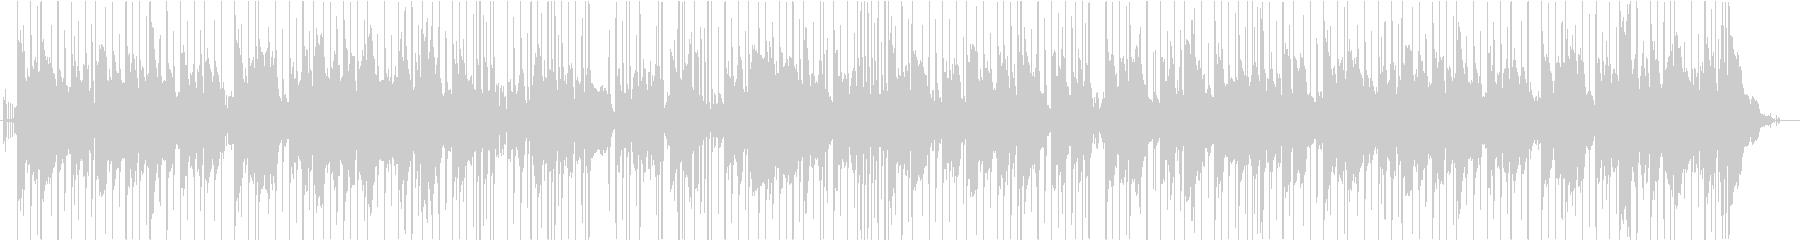 リラックスできるチルホップの未再生の波形